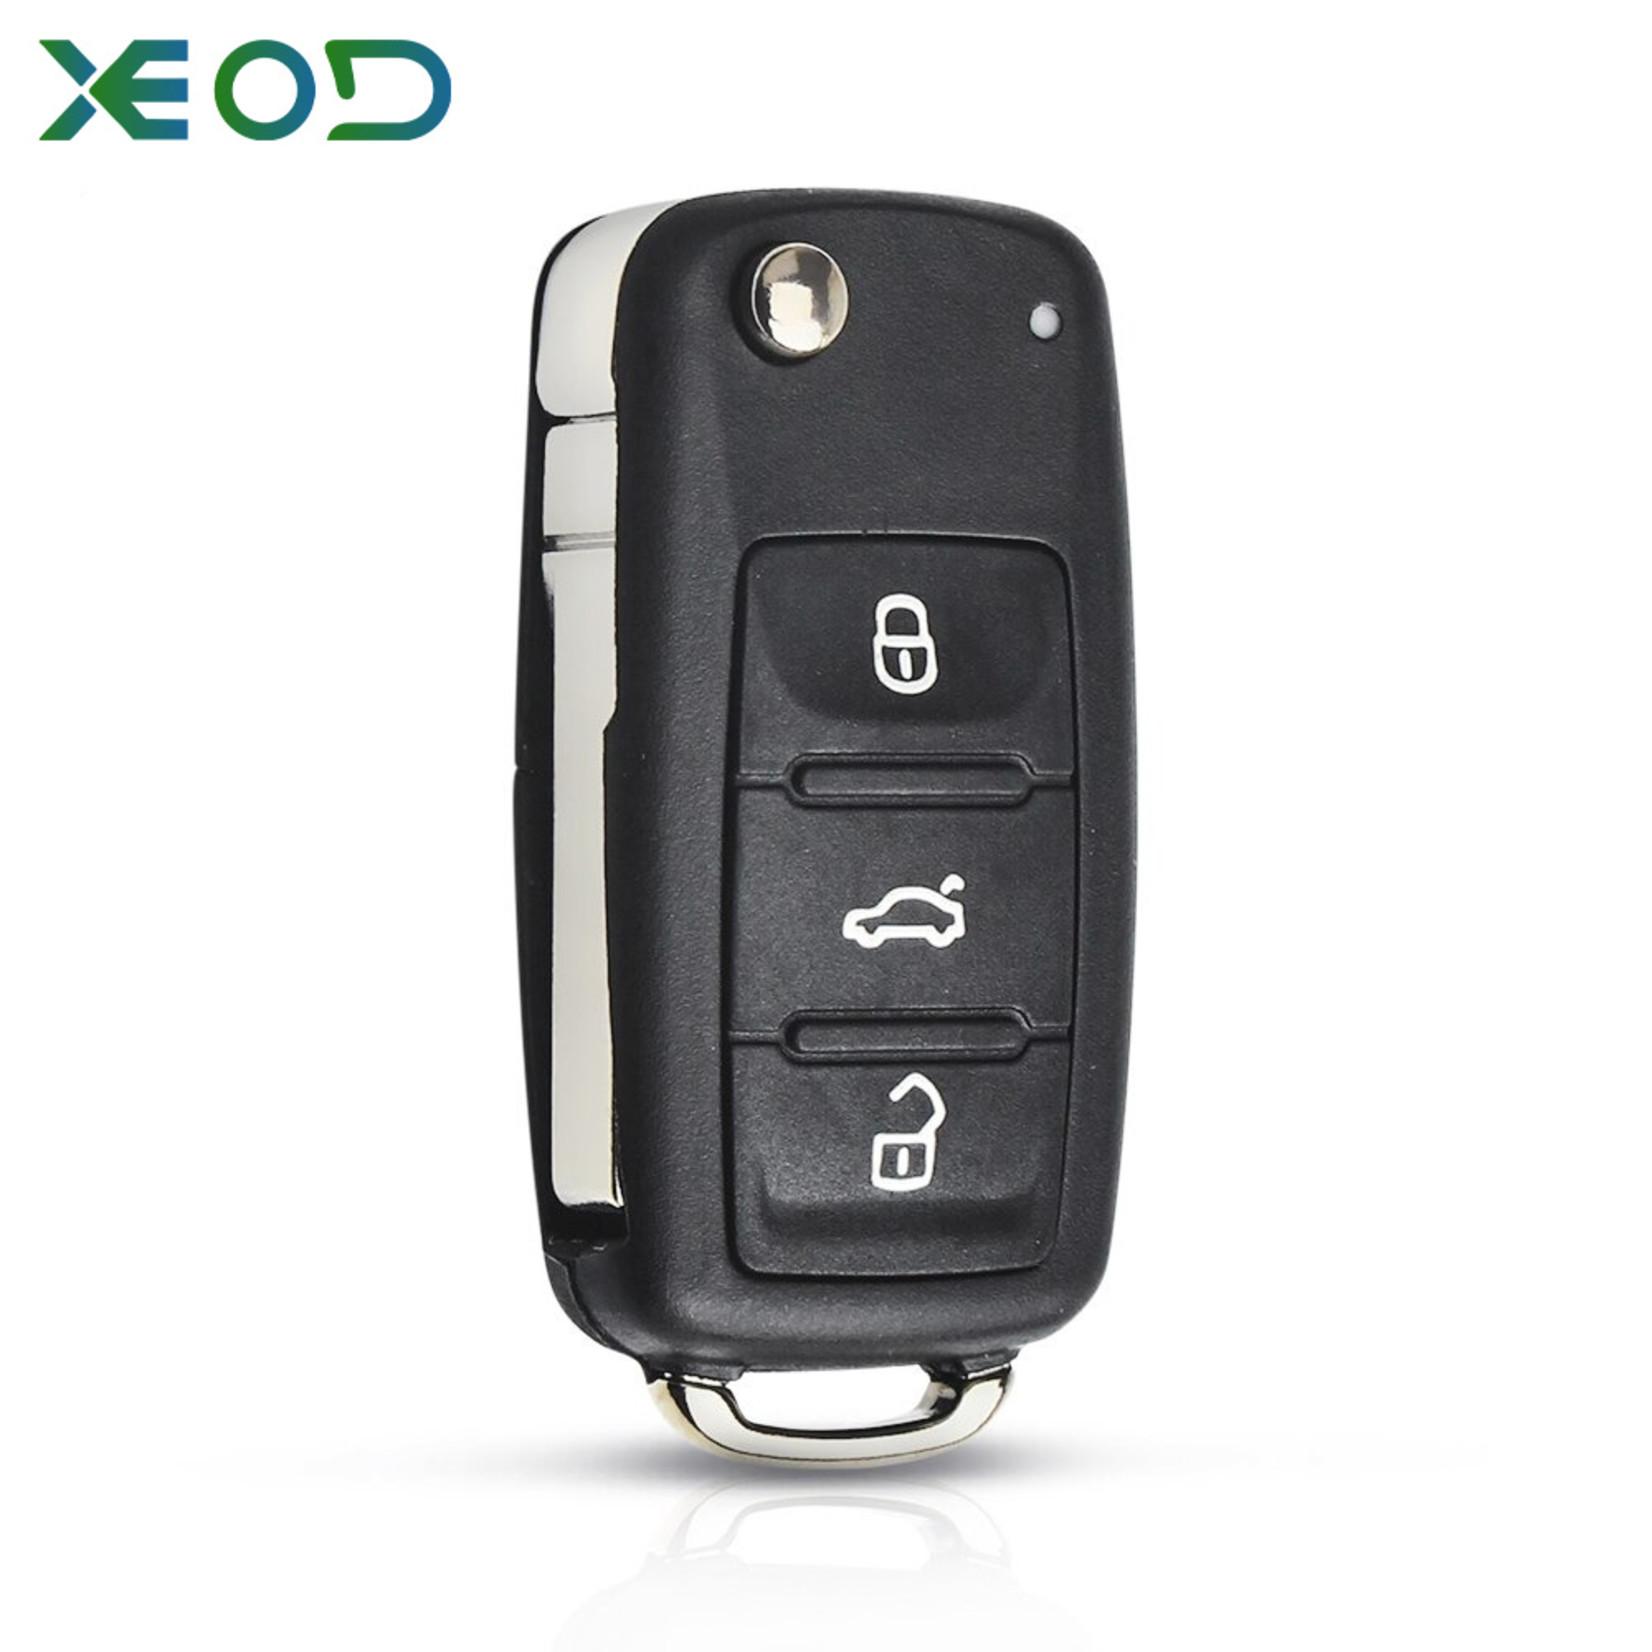 XEOD Volkswagen sleutelbehuizing nieuw model